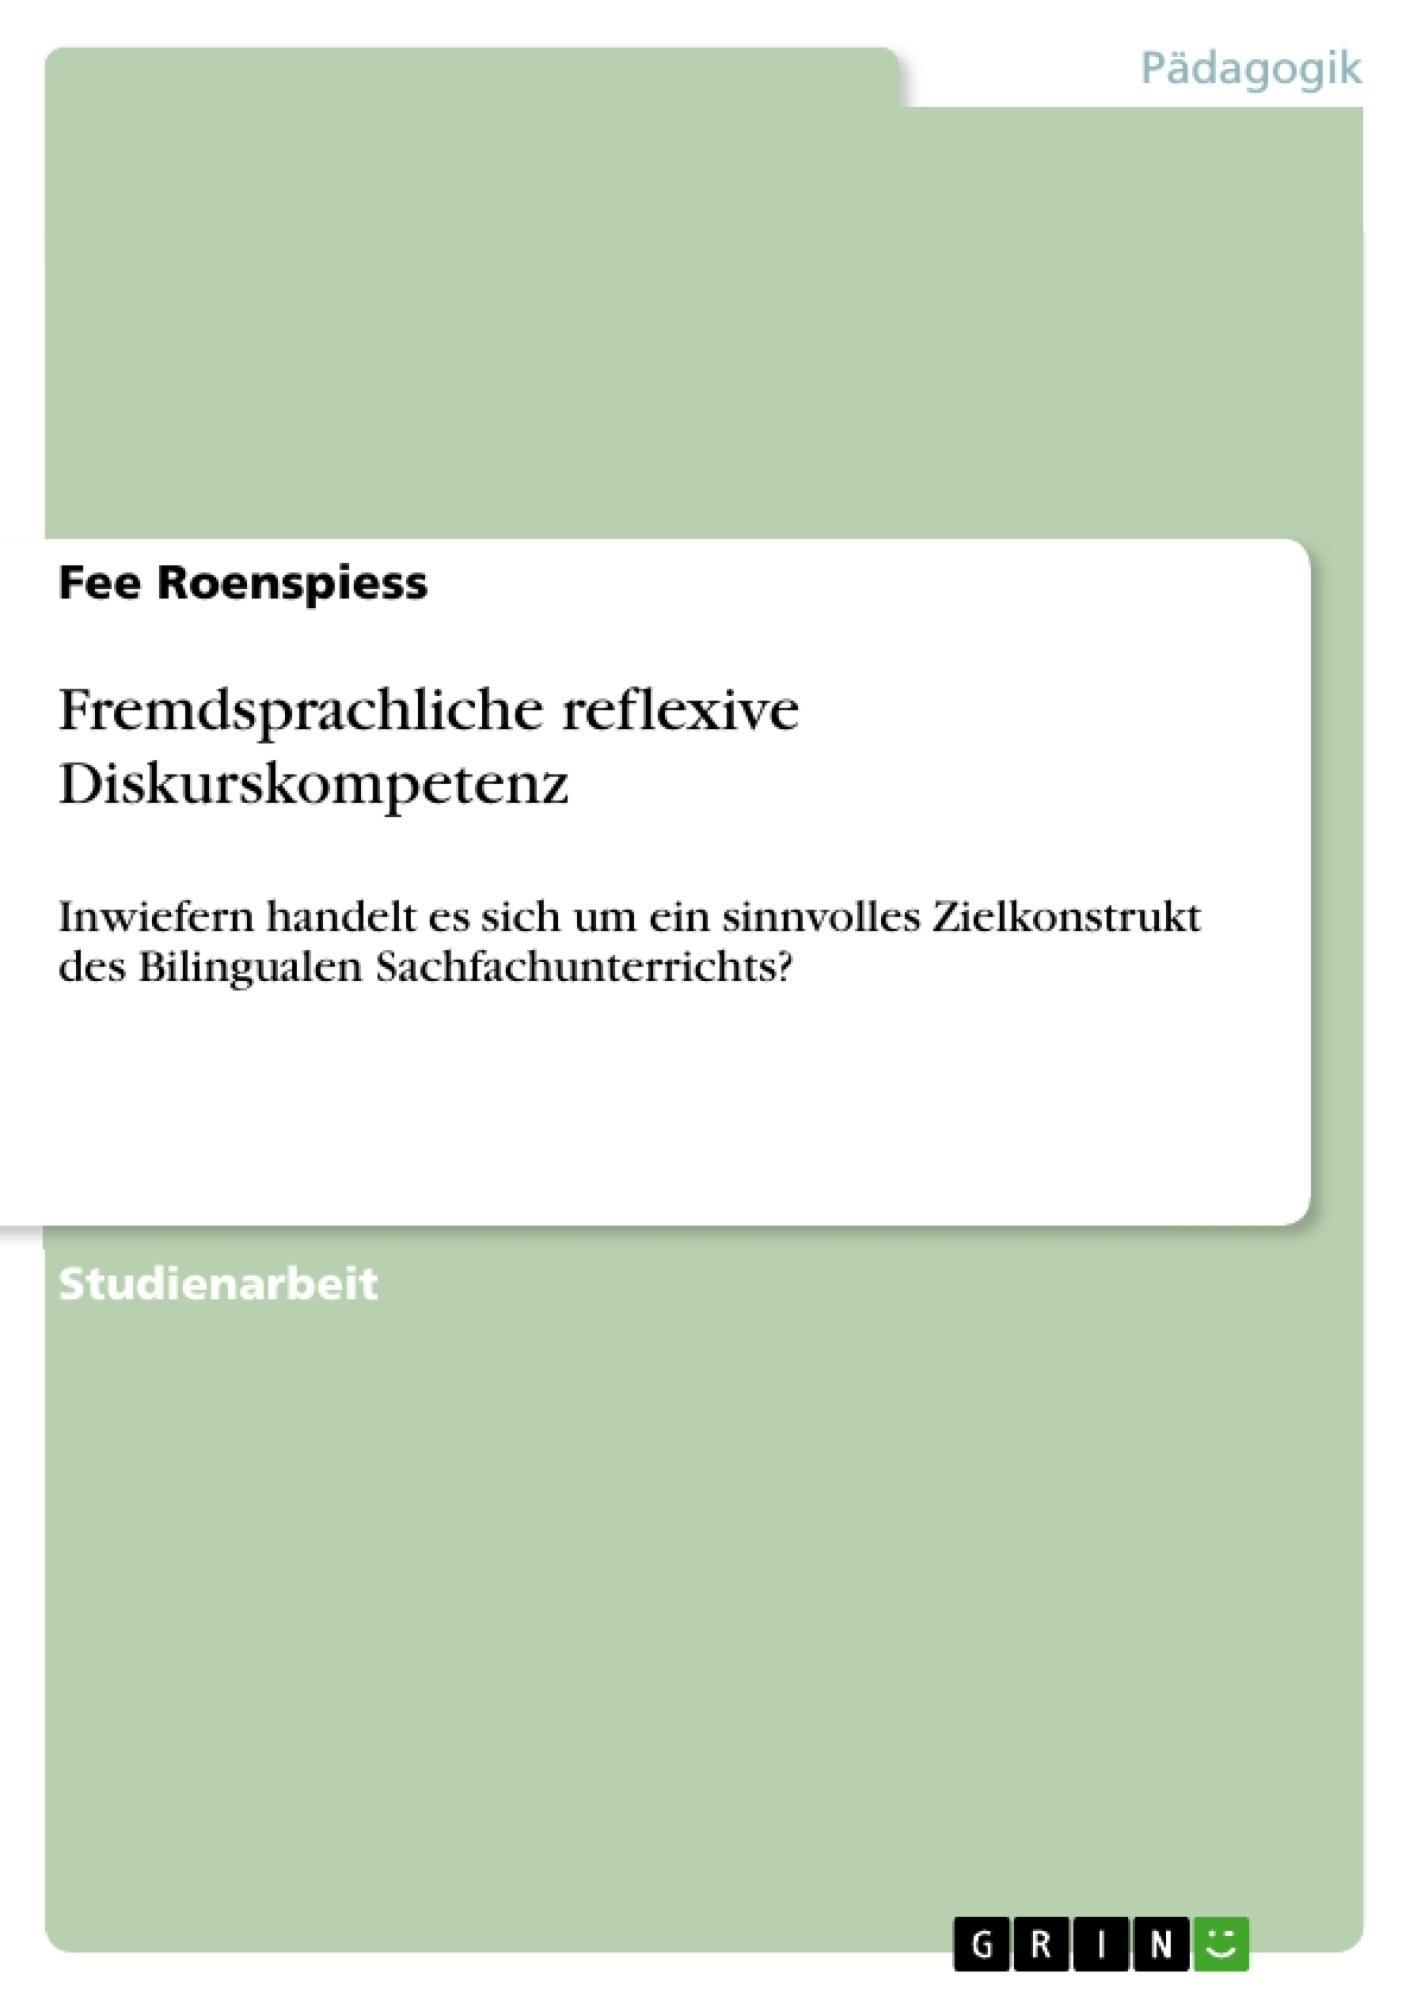 Titel: Fremdsprachliche reflexive Diskurskompetenz